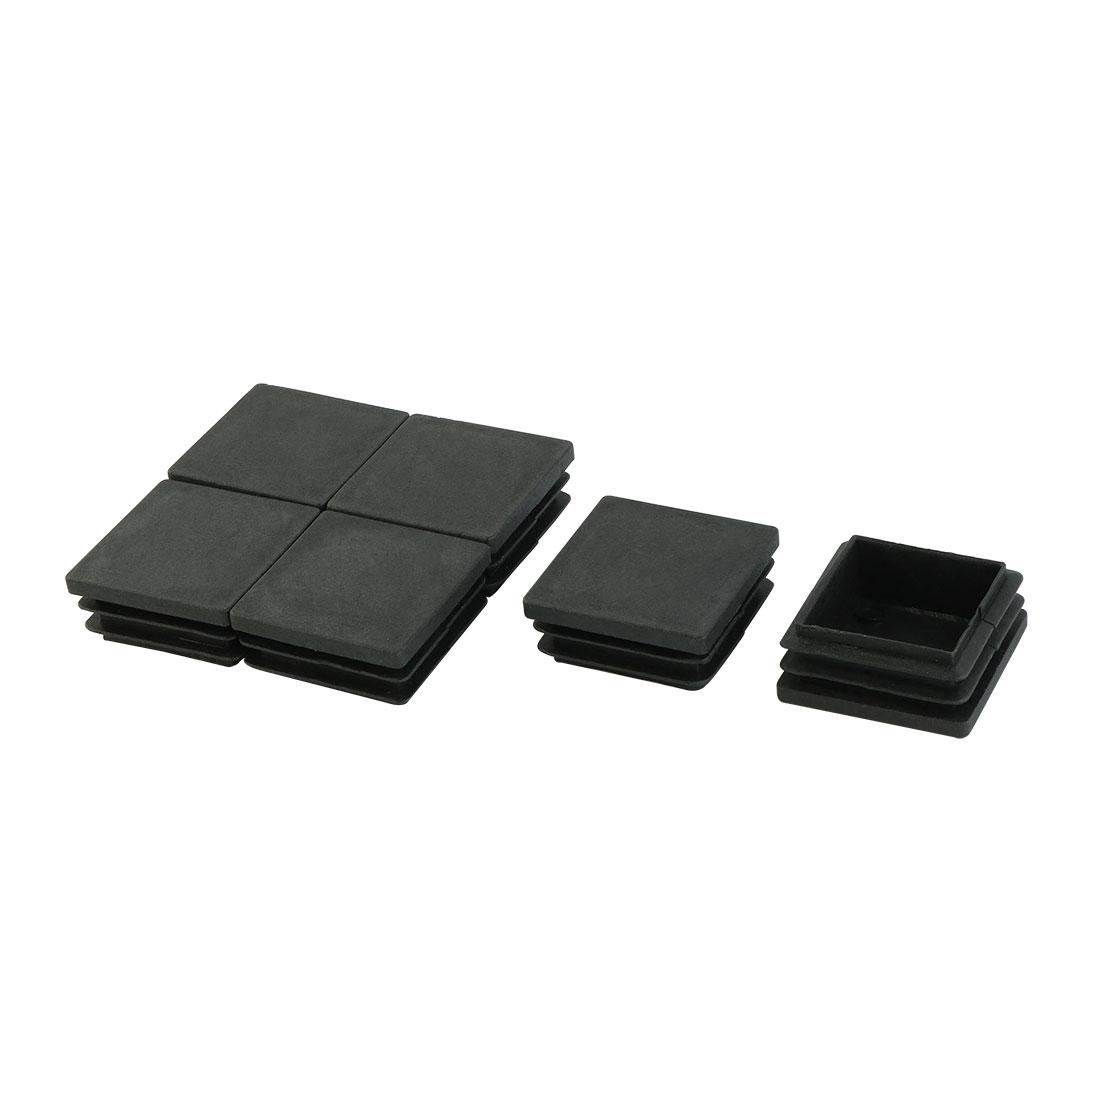 6pcs 40x40mm Black Plastic Chair Leg Square Tube Cap Insert Covers